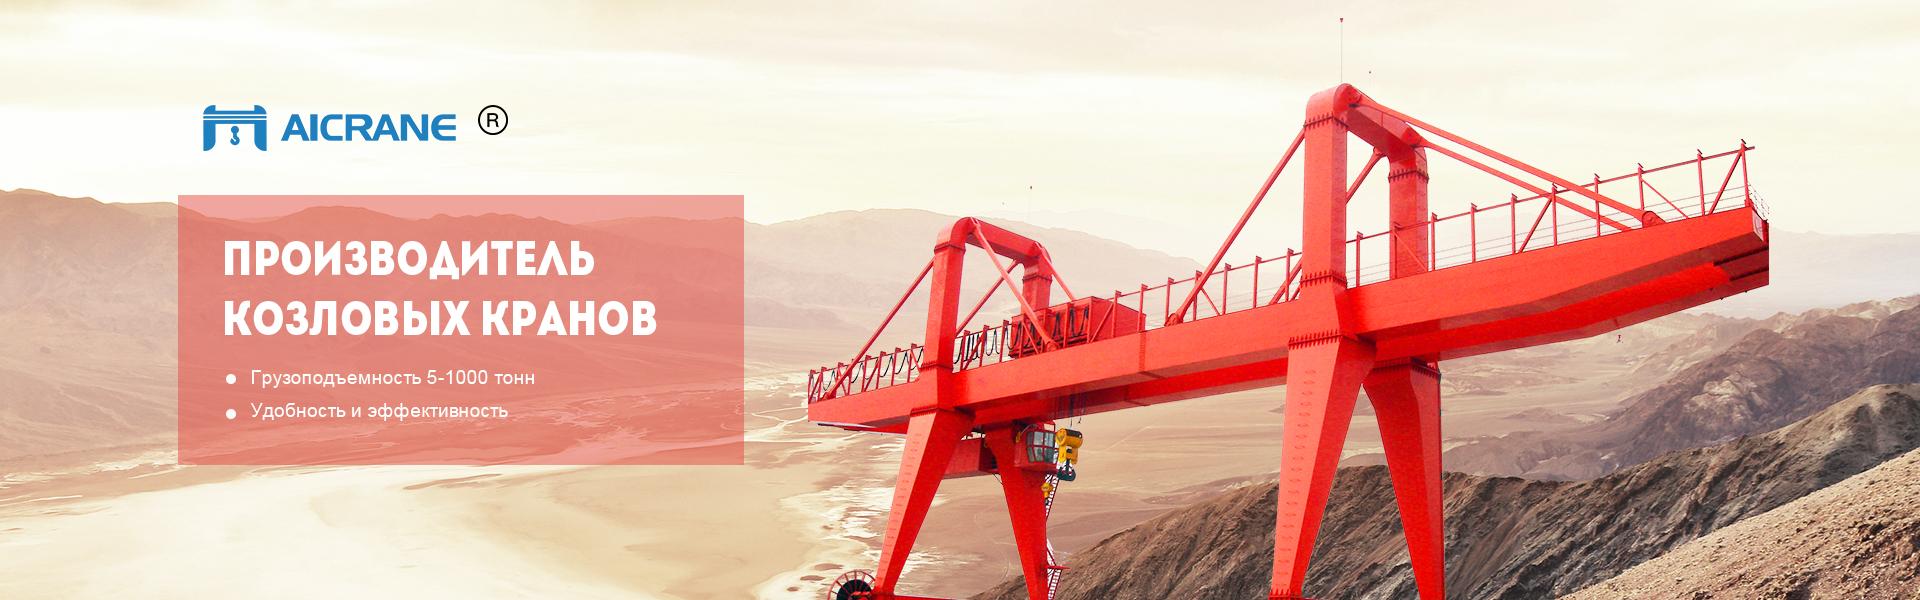 козловой кран banner-red